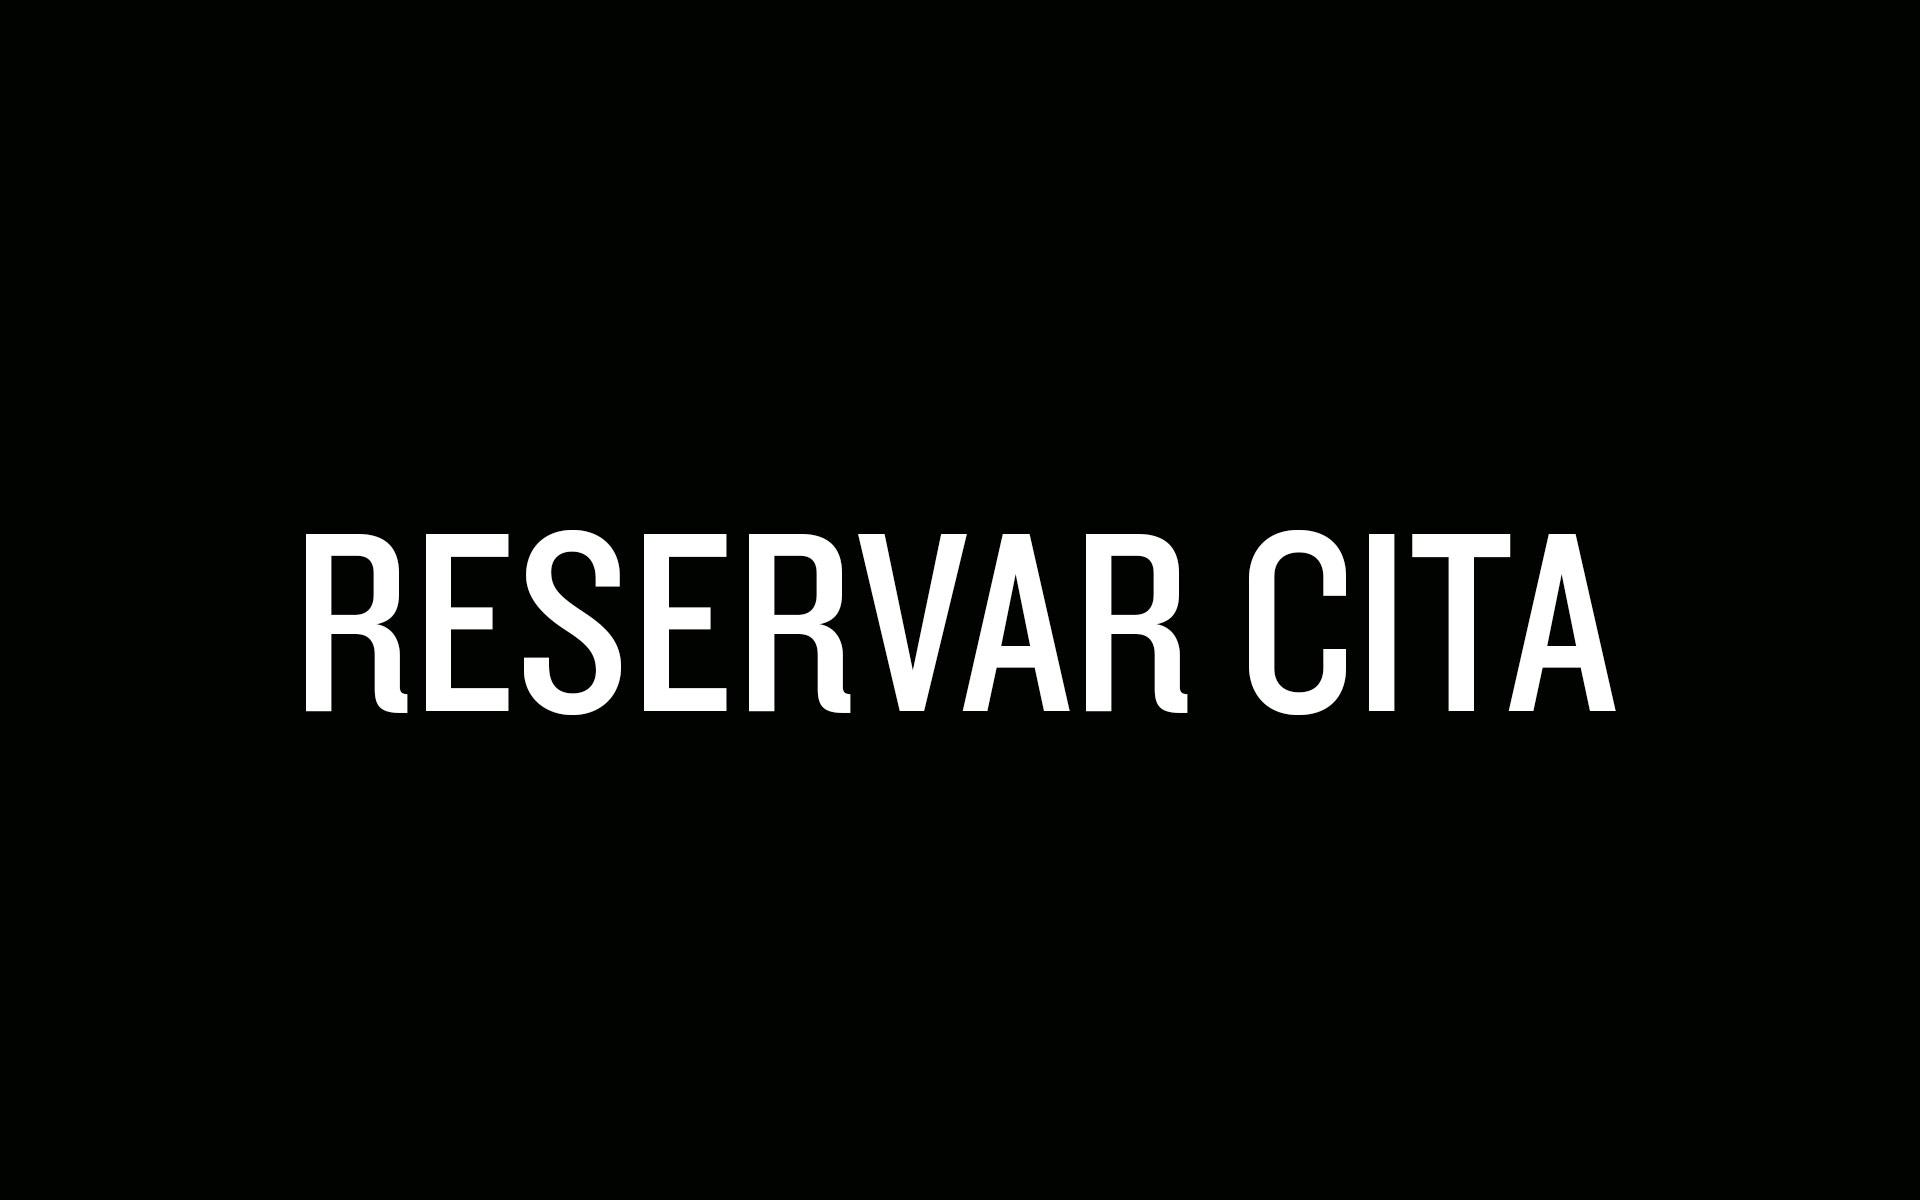 reservar1